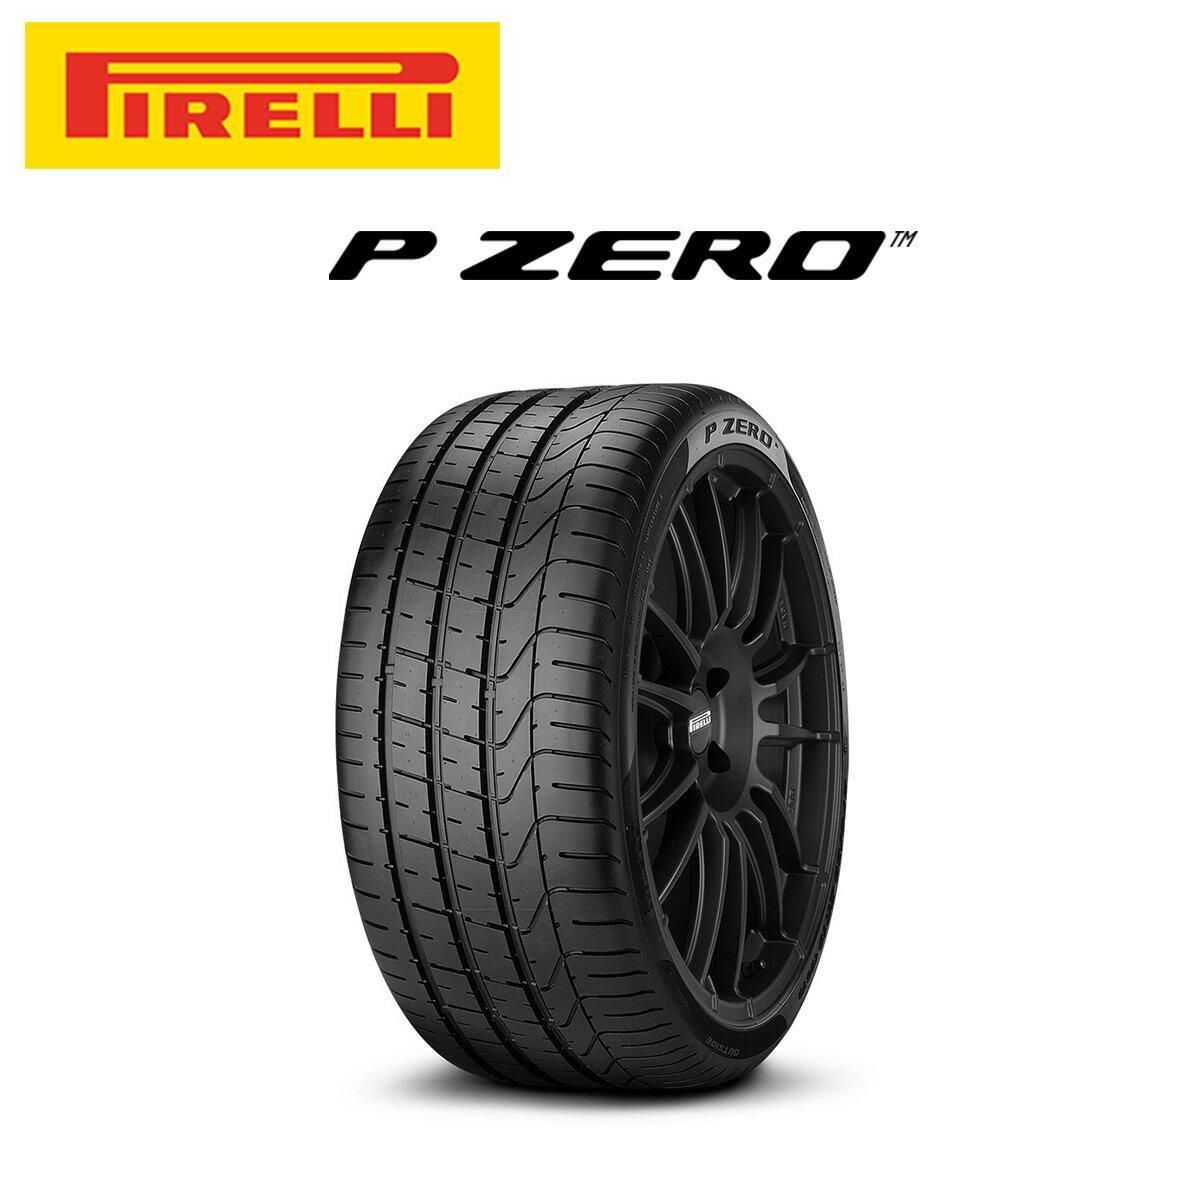 ピレリ PIRELLI P ZERO ピーゼロ 20インチ サマー タイヤ 4本 セット 285/40R20 104Y ★:BMW MINI承認タイヤ 2422600